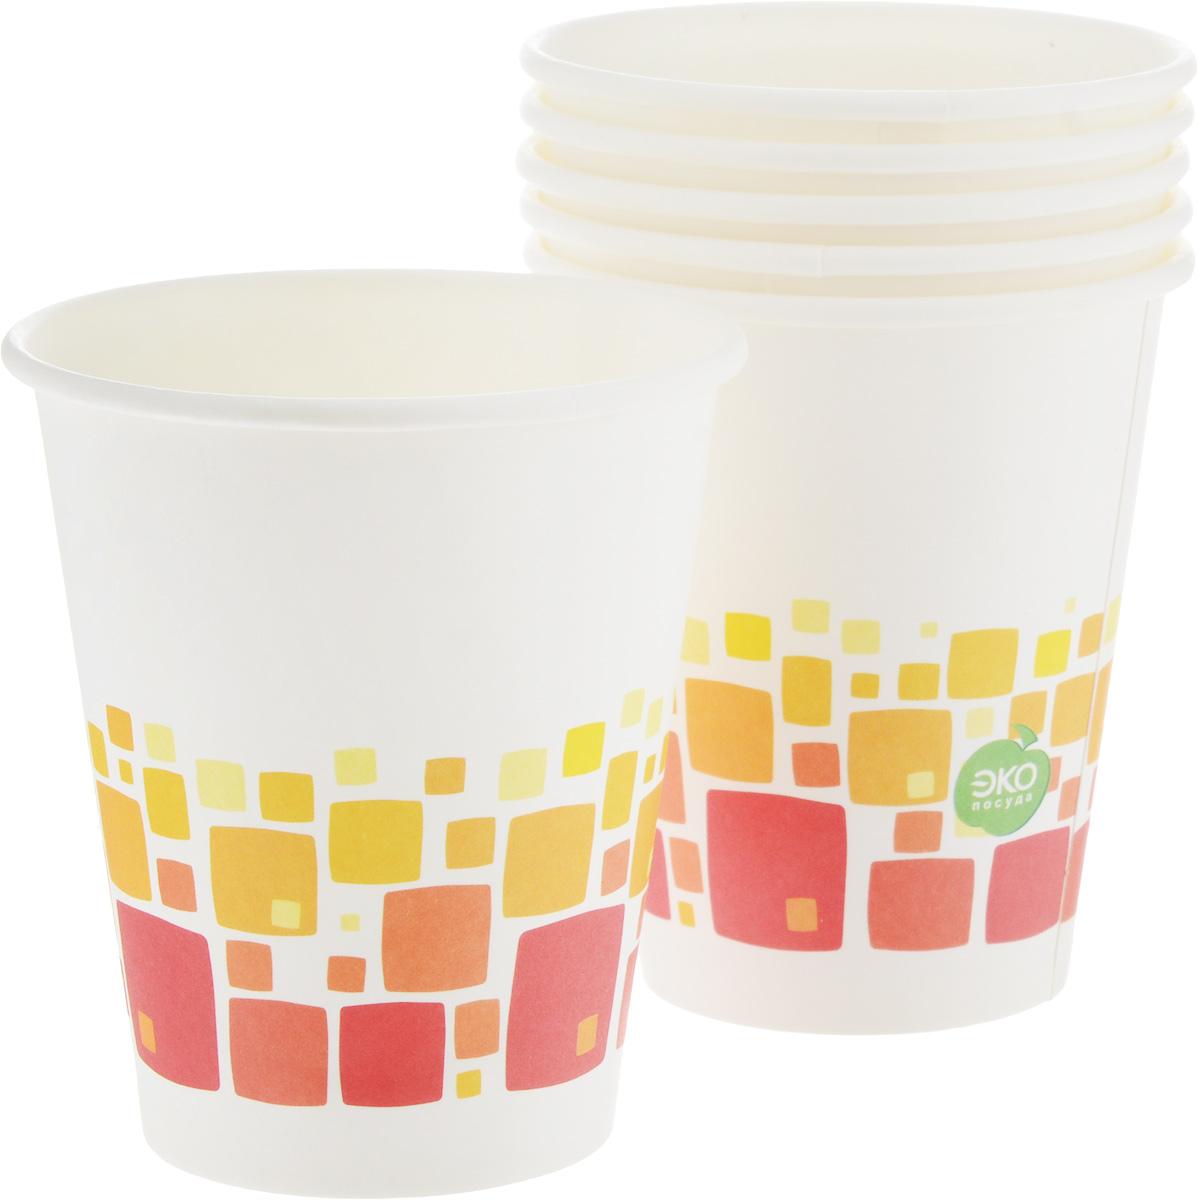 Набор бумажных стаканов Paterra Нарядные, цвет: белый, 330 мл, 6 шт401-469_белый, кубикиНабор Paterra Нарядные состоит из 6 стаканов, предназначенных для одноразового использования. Изделия украшены узором. Такие стаканы подойдут как для холодных, так и для горячих напитков. Имеют водоотталкивающие свойства. Одноразовые стаканы будут незаменимы при поездках на природу, пикниках и других мероприятиях. Они легкие и не займут много места, а самое главное - после использования их не надо мыть. Диаметр стакана: 8 см. Высота стакана: 9,5 см.